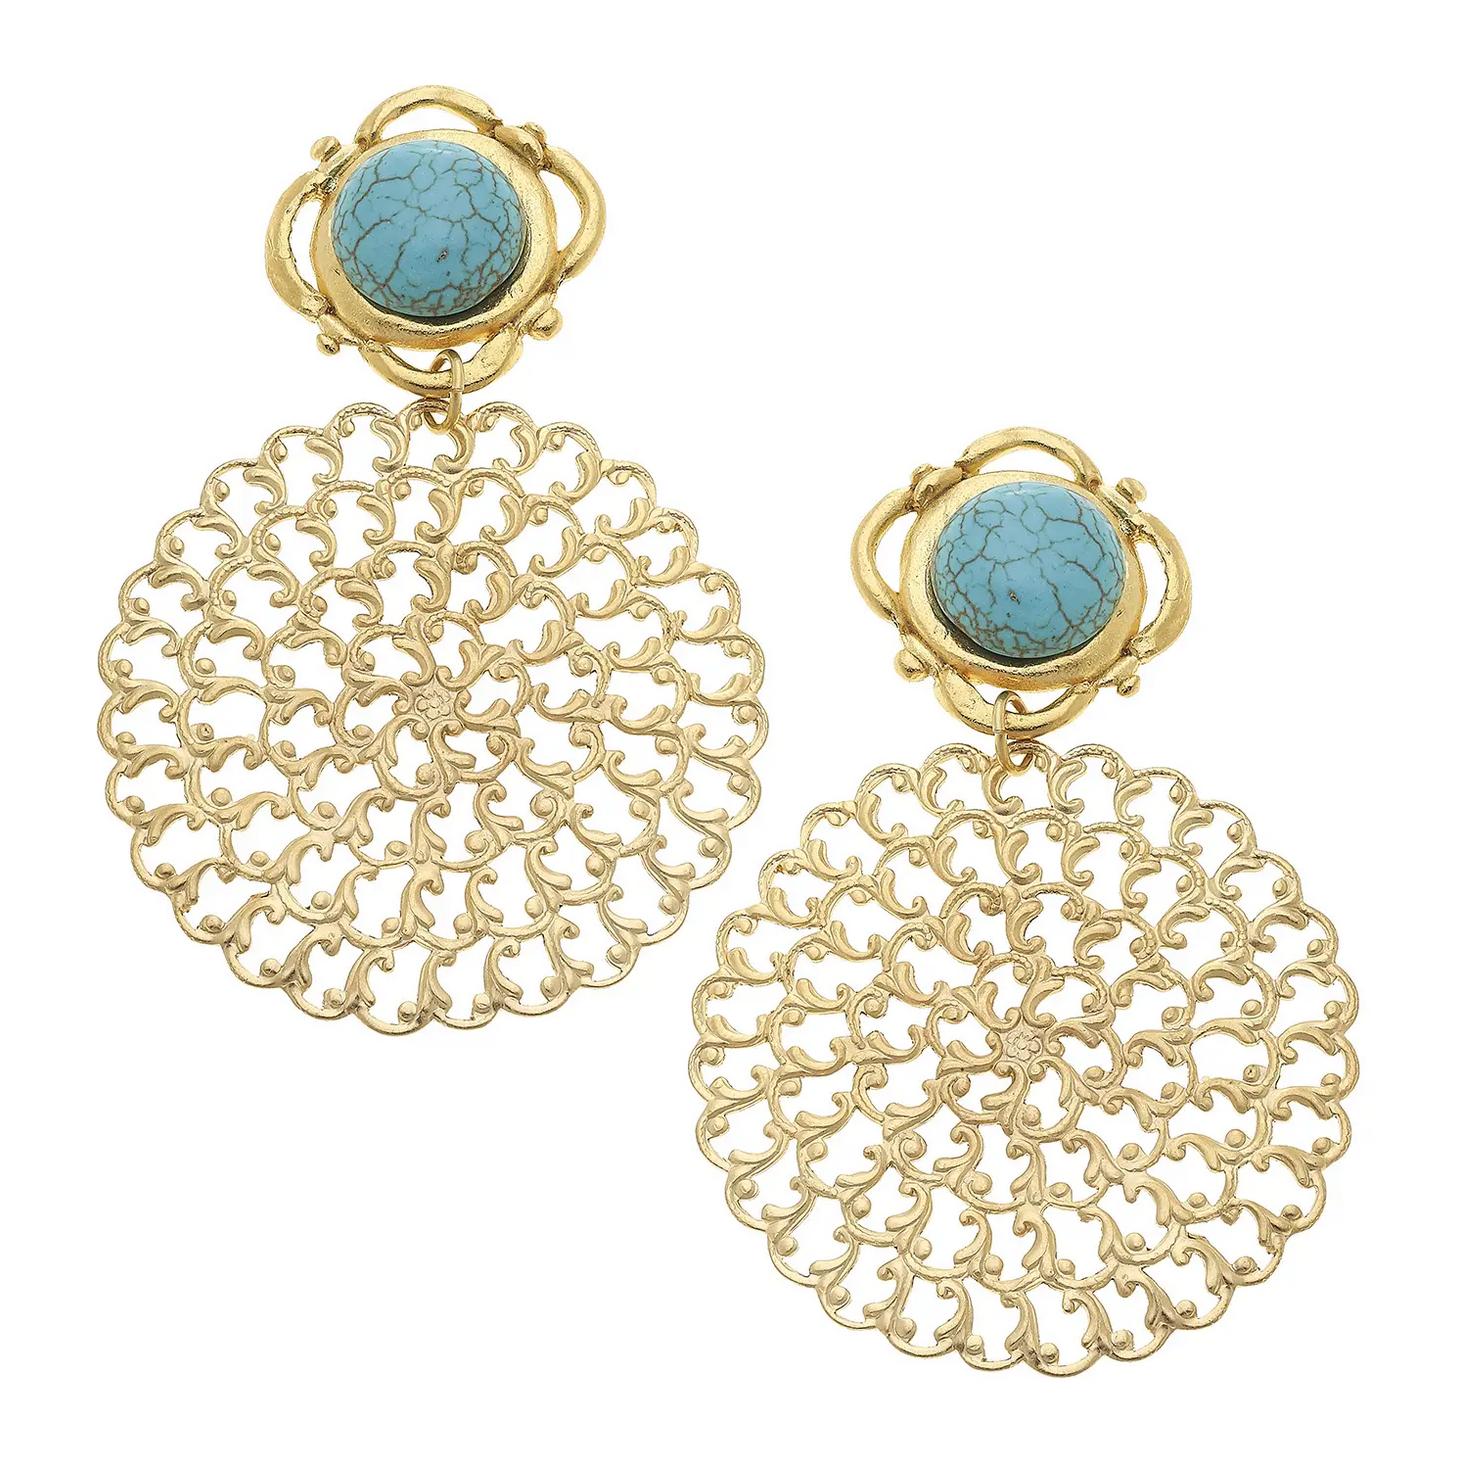 Susan Shaw Susan Shaw Gold/Turq Earring